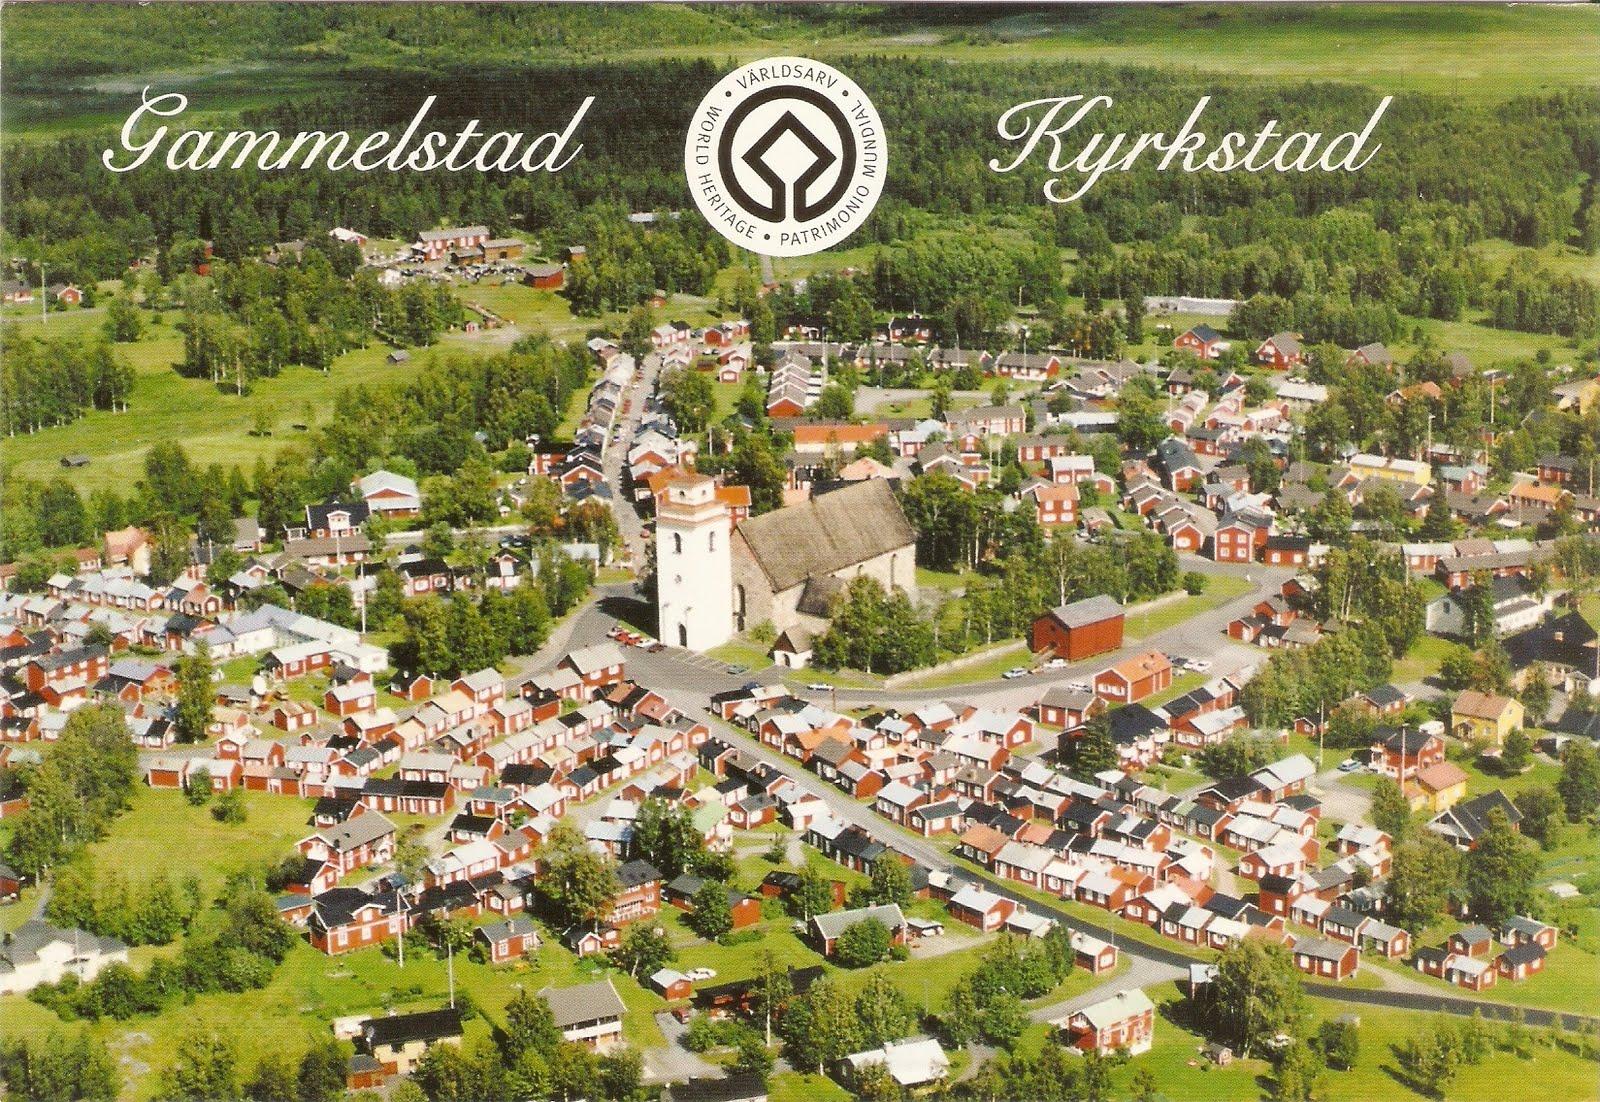 Afbeeldingsresultaat voor Gammelstad